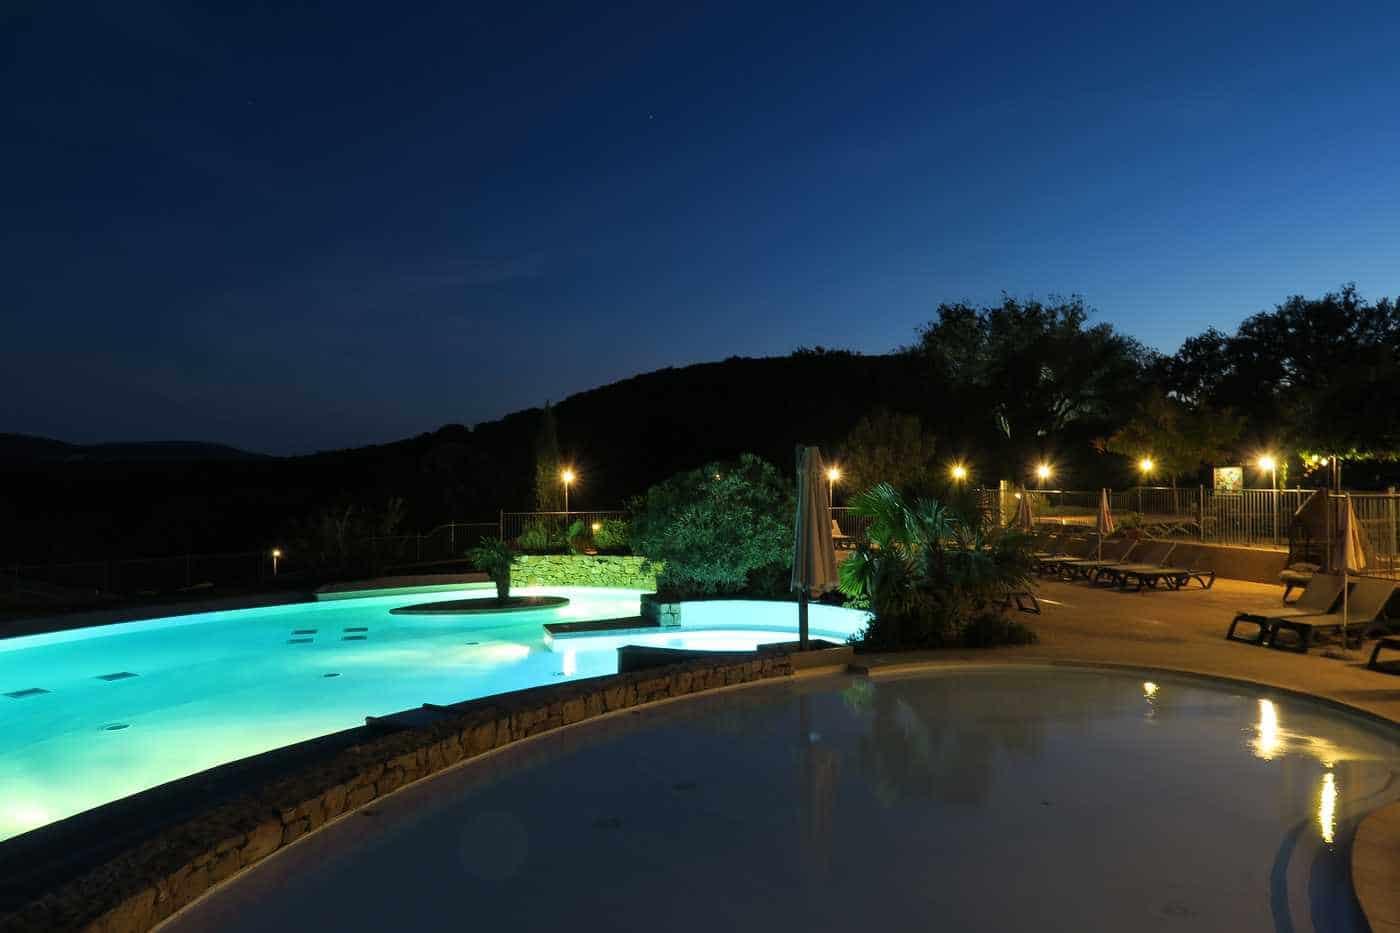 vue nuit du bassin du camping Ardèche